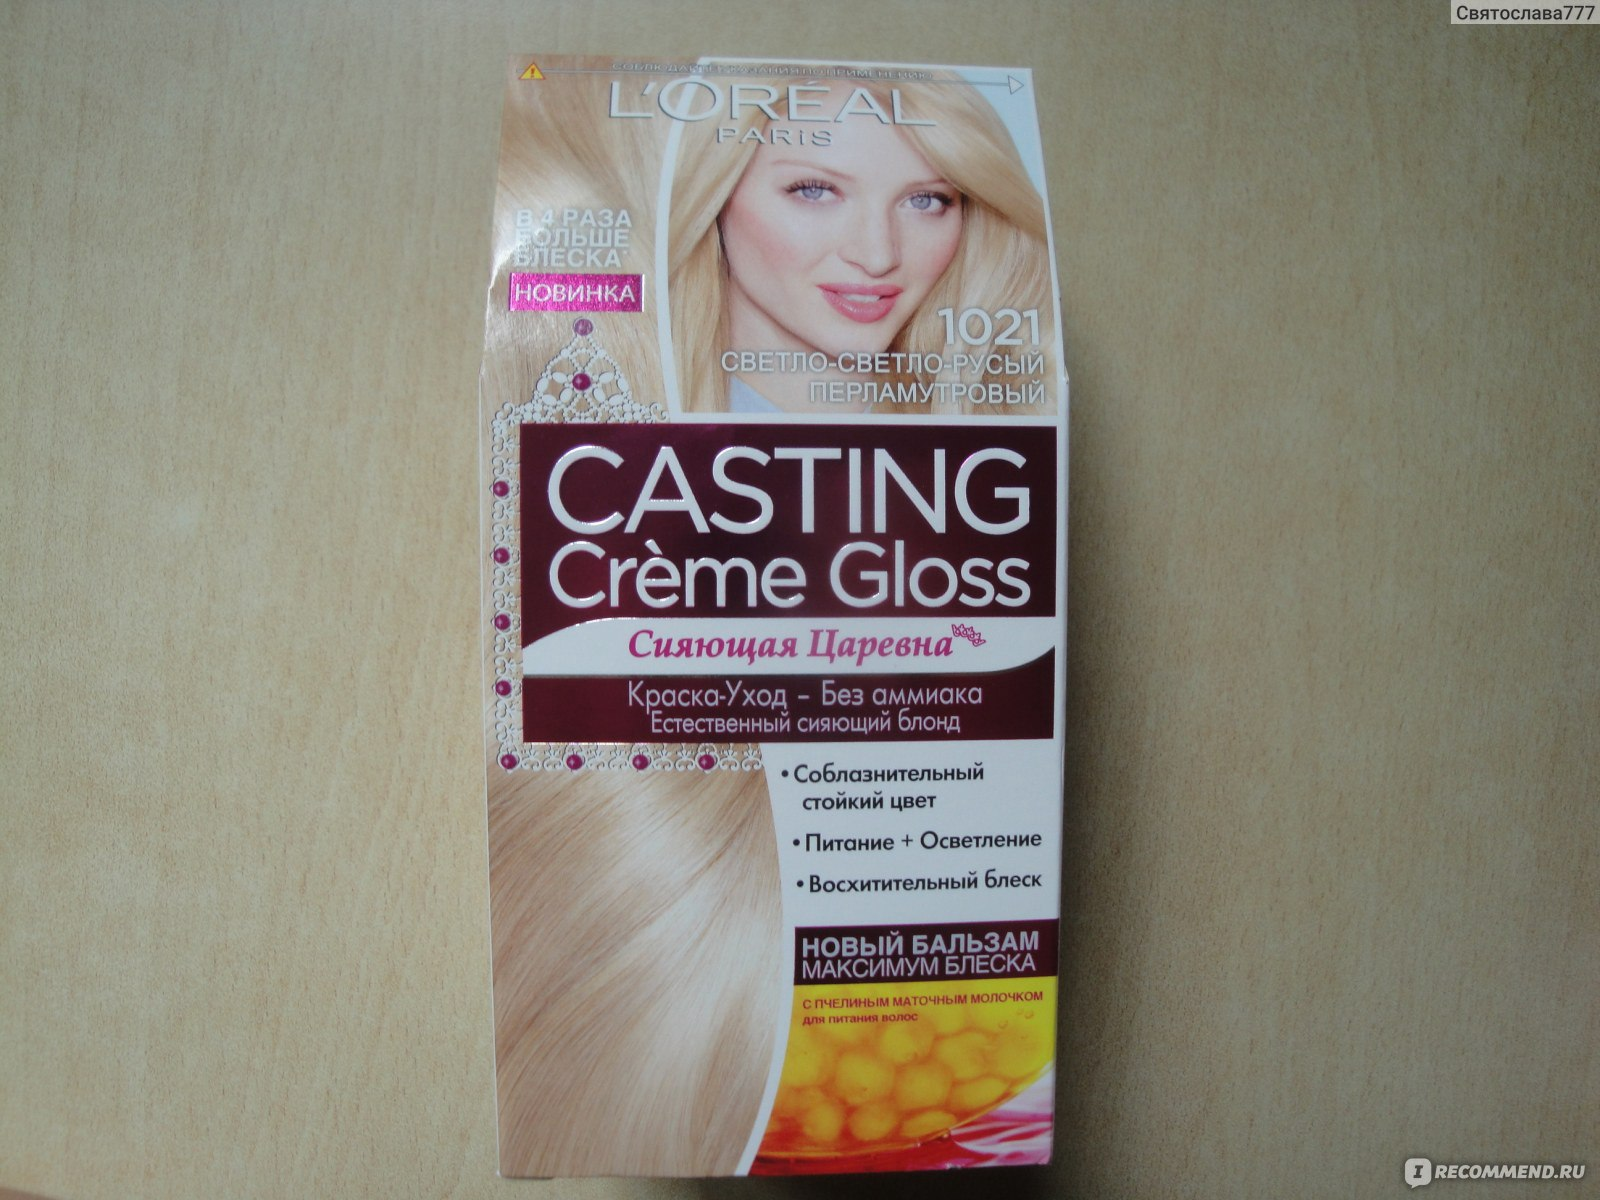 Краска для волос лореаль кастинг крем глосс палитра цветов фото 600